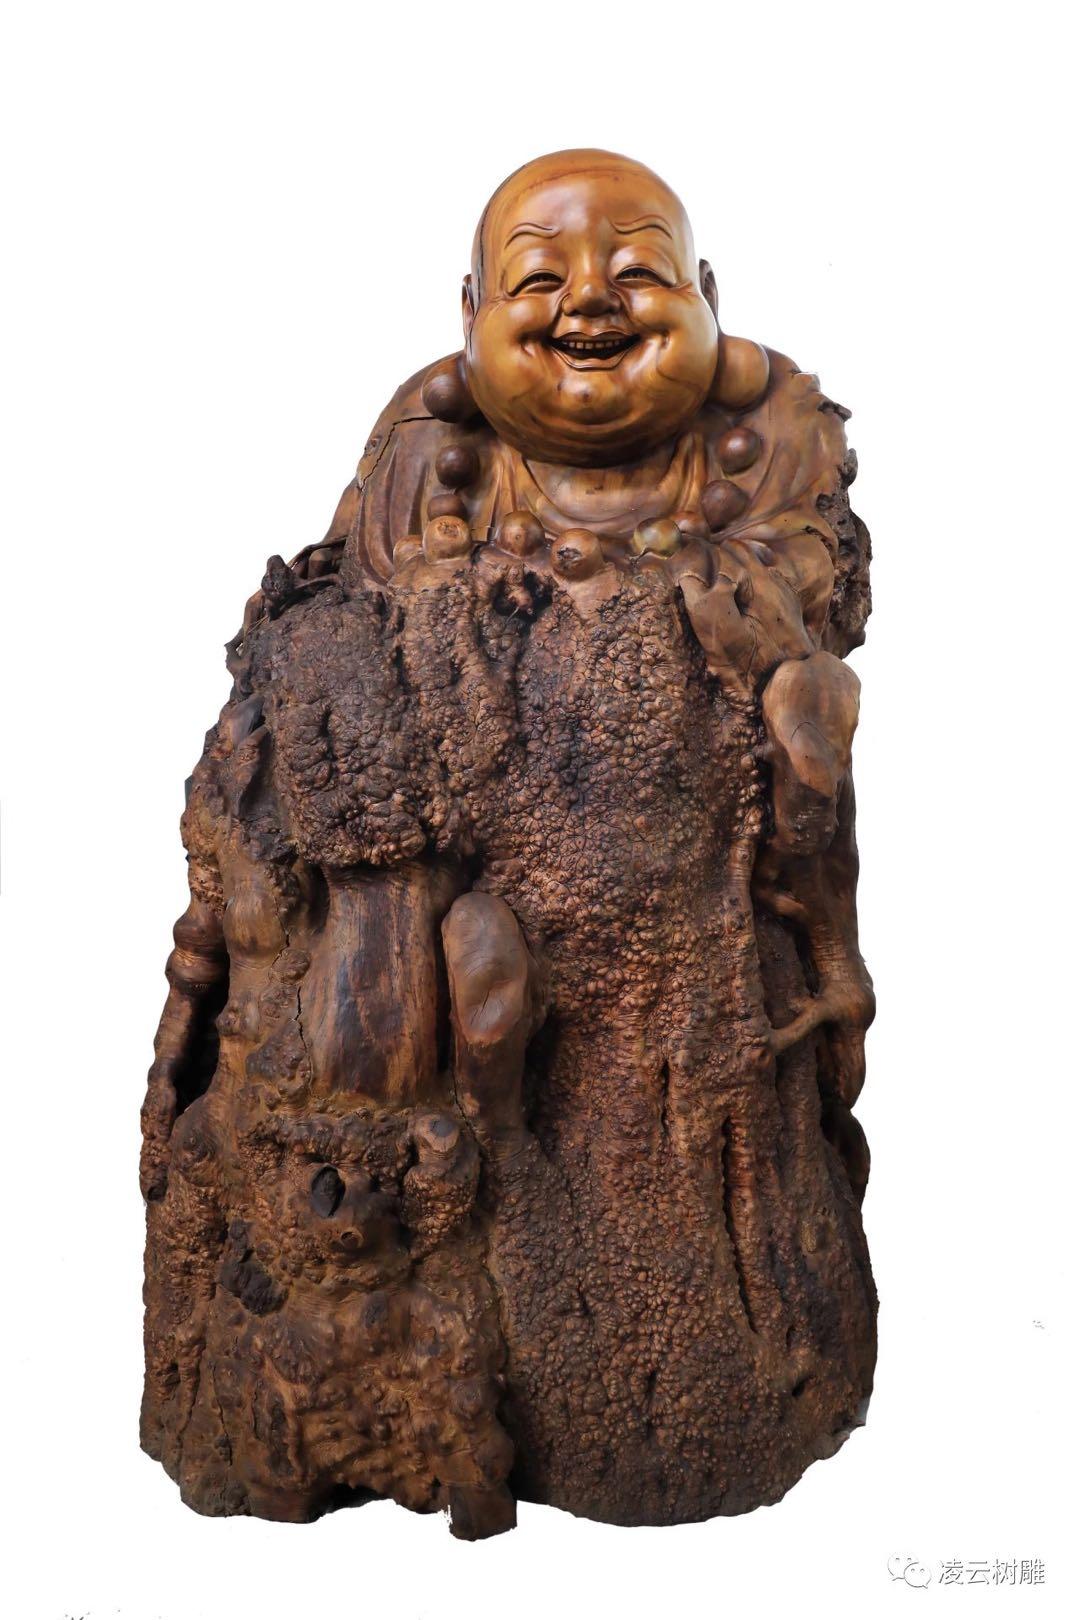 李凌云:中国树雕艺术的缔造者